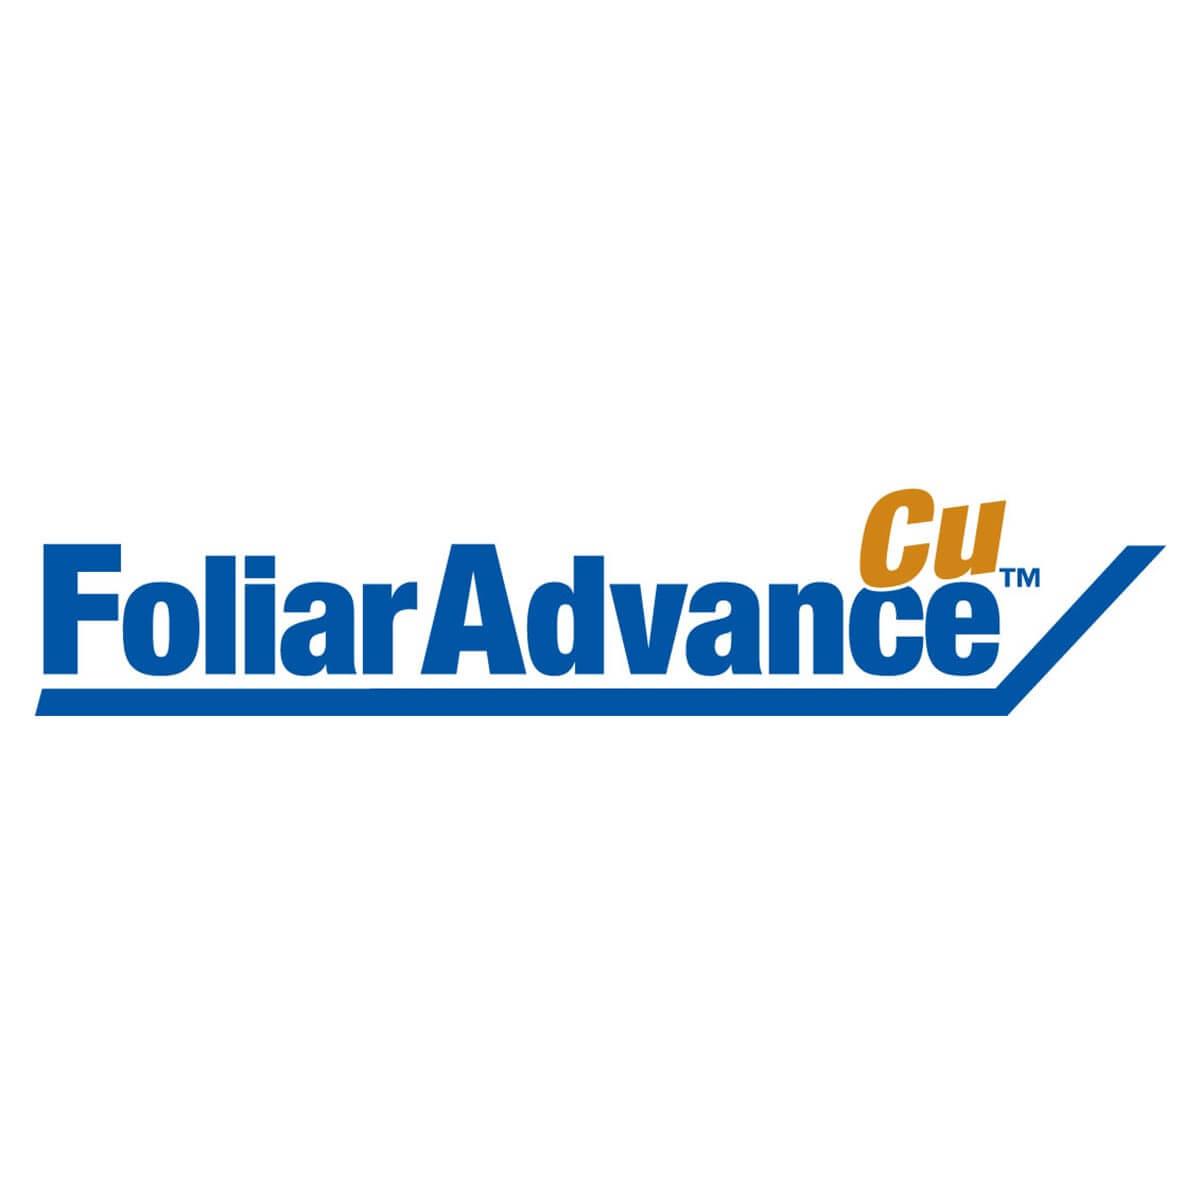 FOLIAR ADVANCE CU 10 L